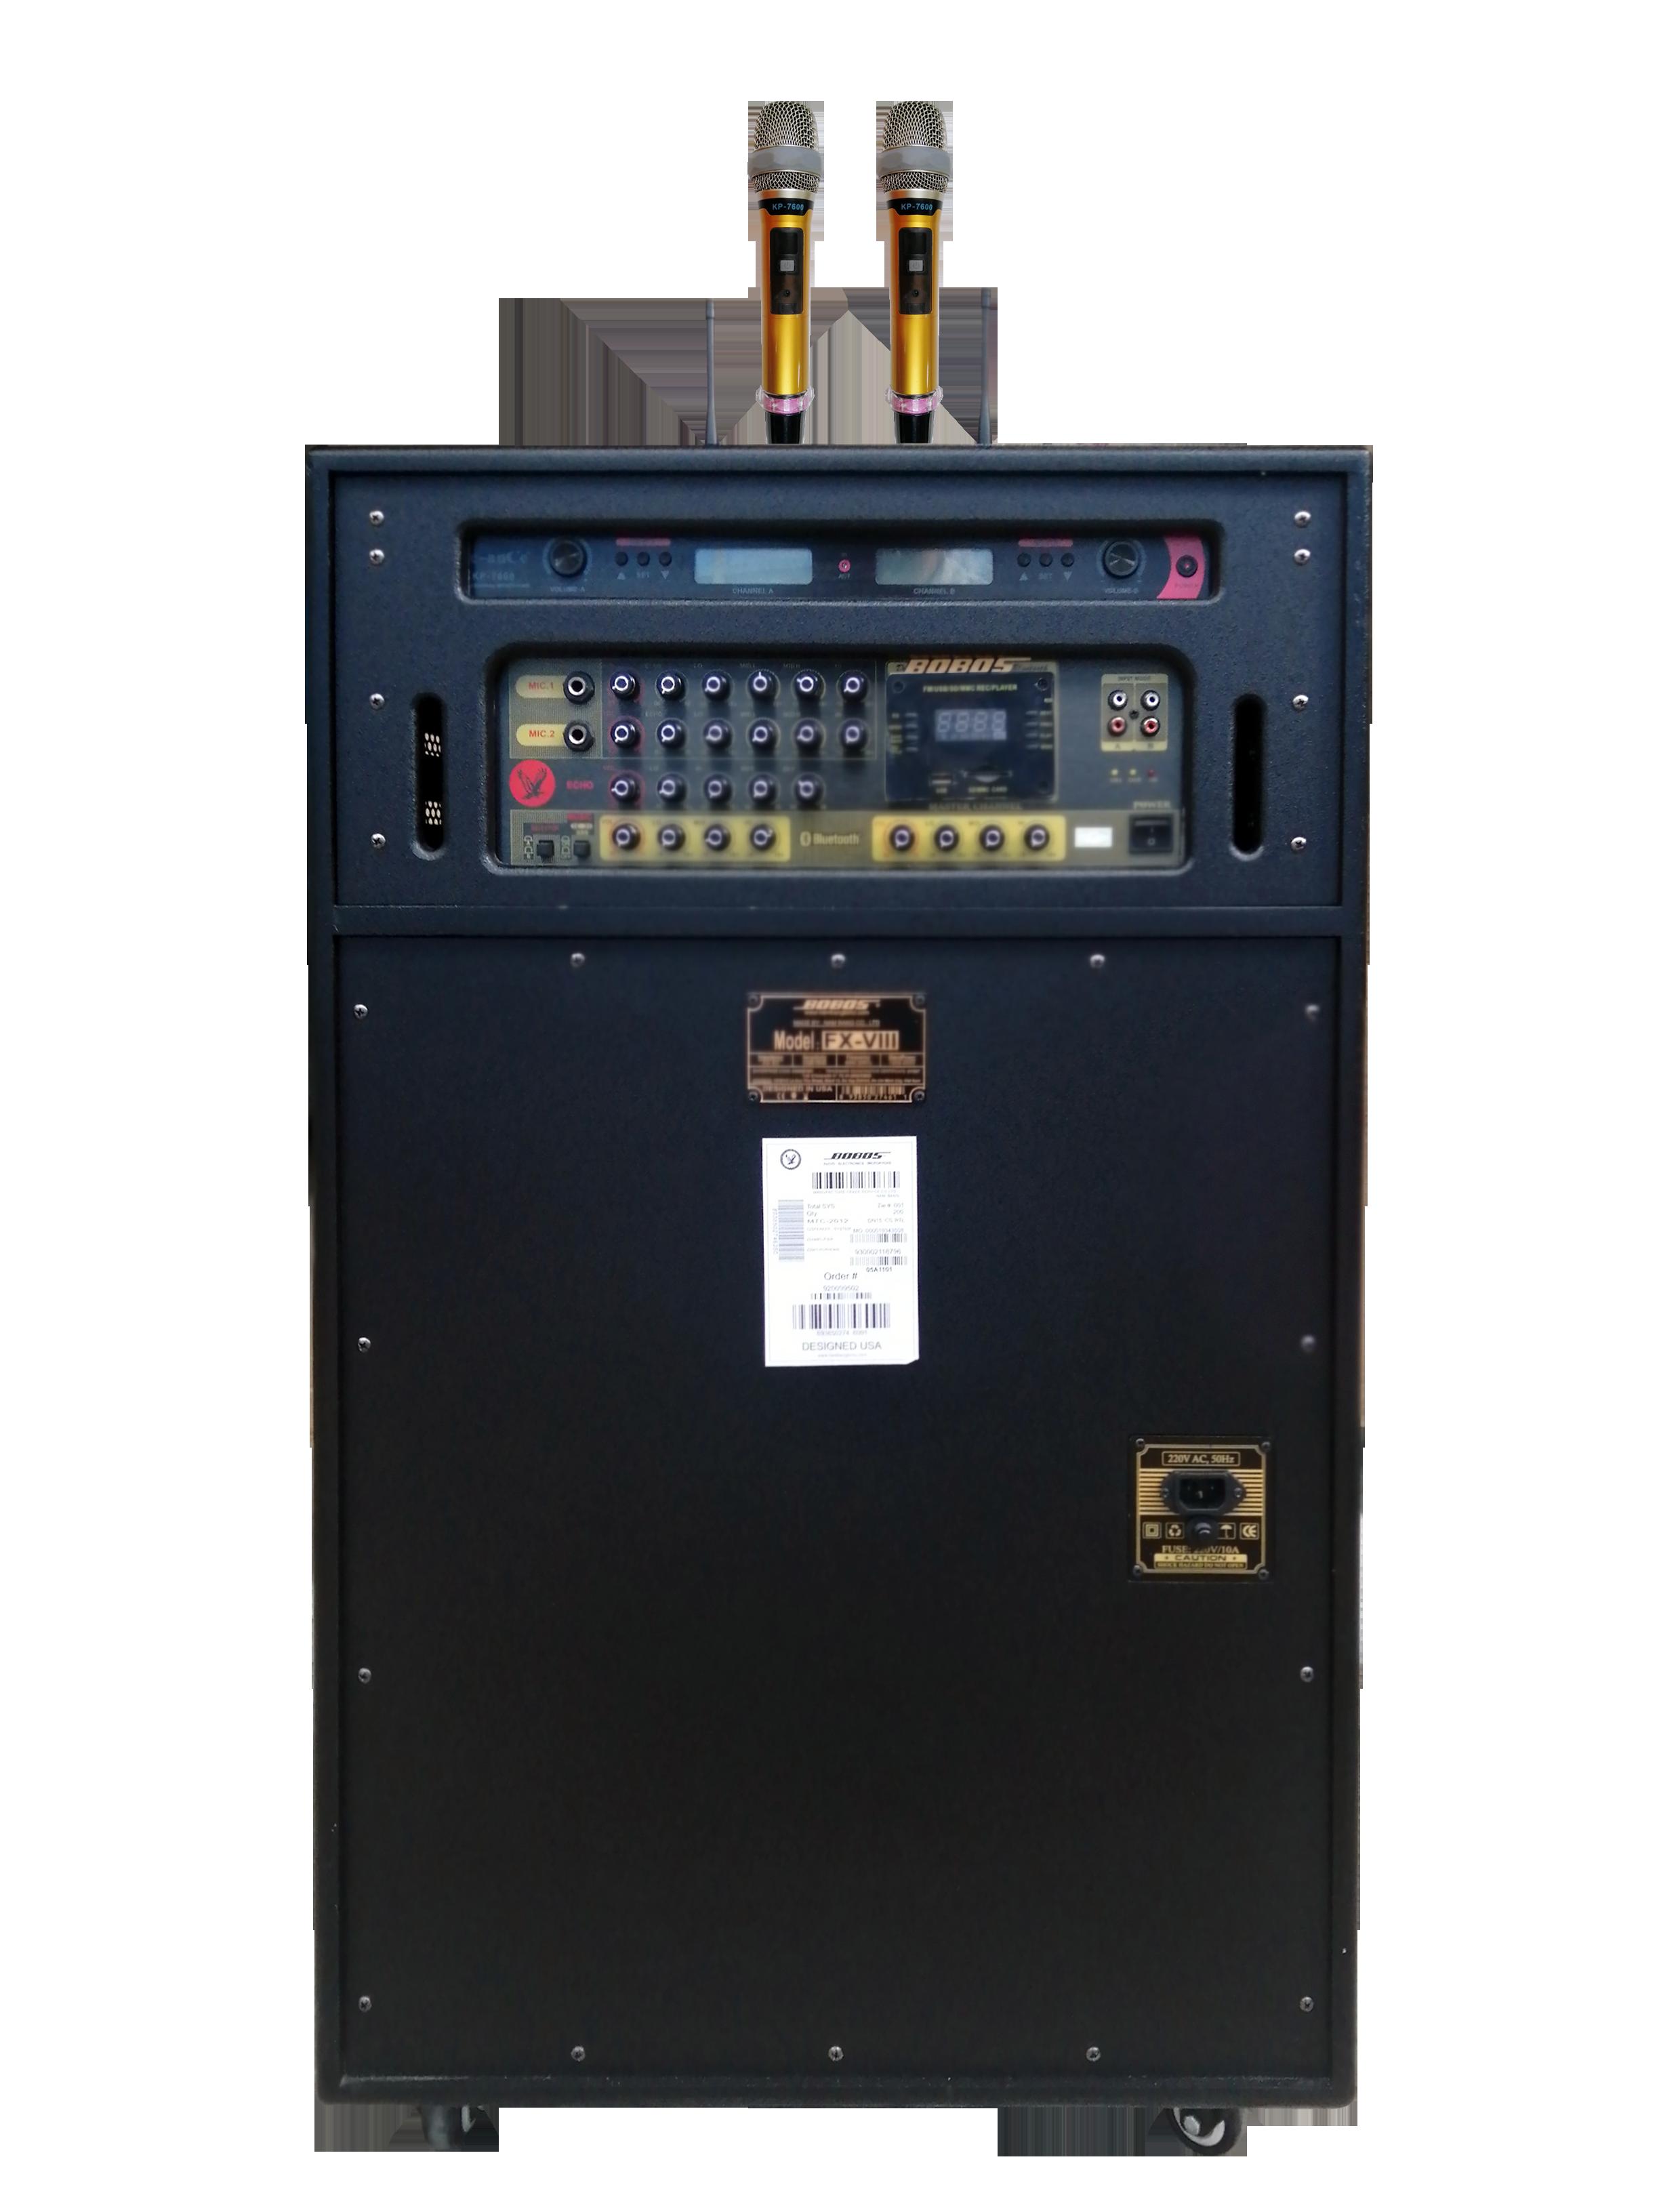 LOA ĐIỆN DI ĐỘNG  BLUETOOTH BOBOS FX-VIII (LOA 4 BASS X 2.5 TẤC) - Hàng chính hãng